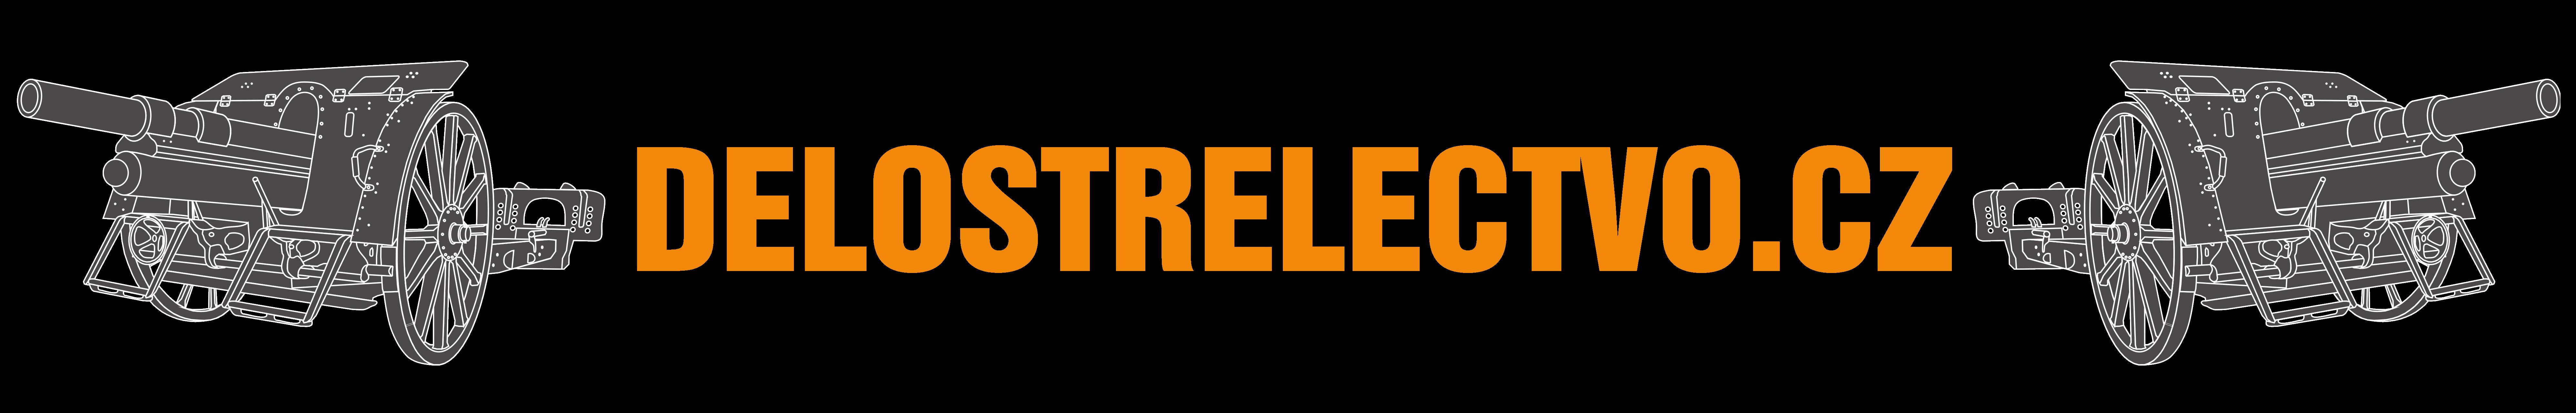 Delostrelectvo.cz